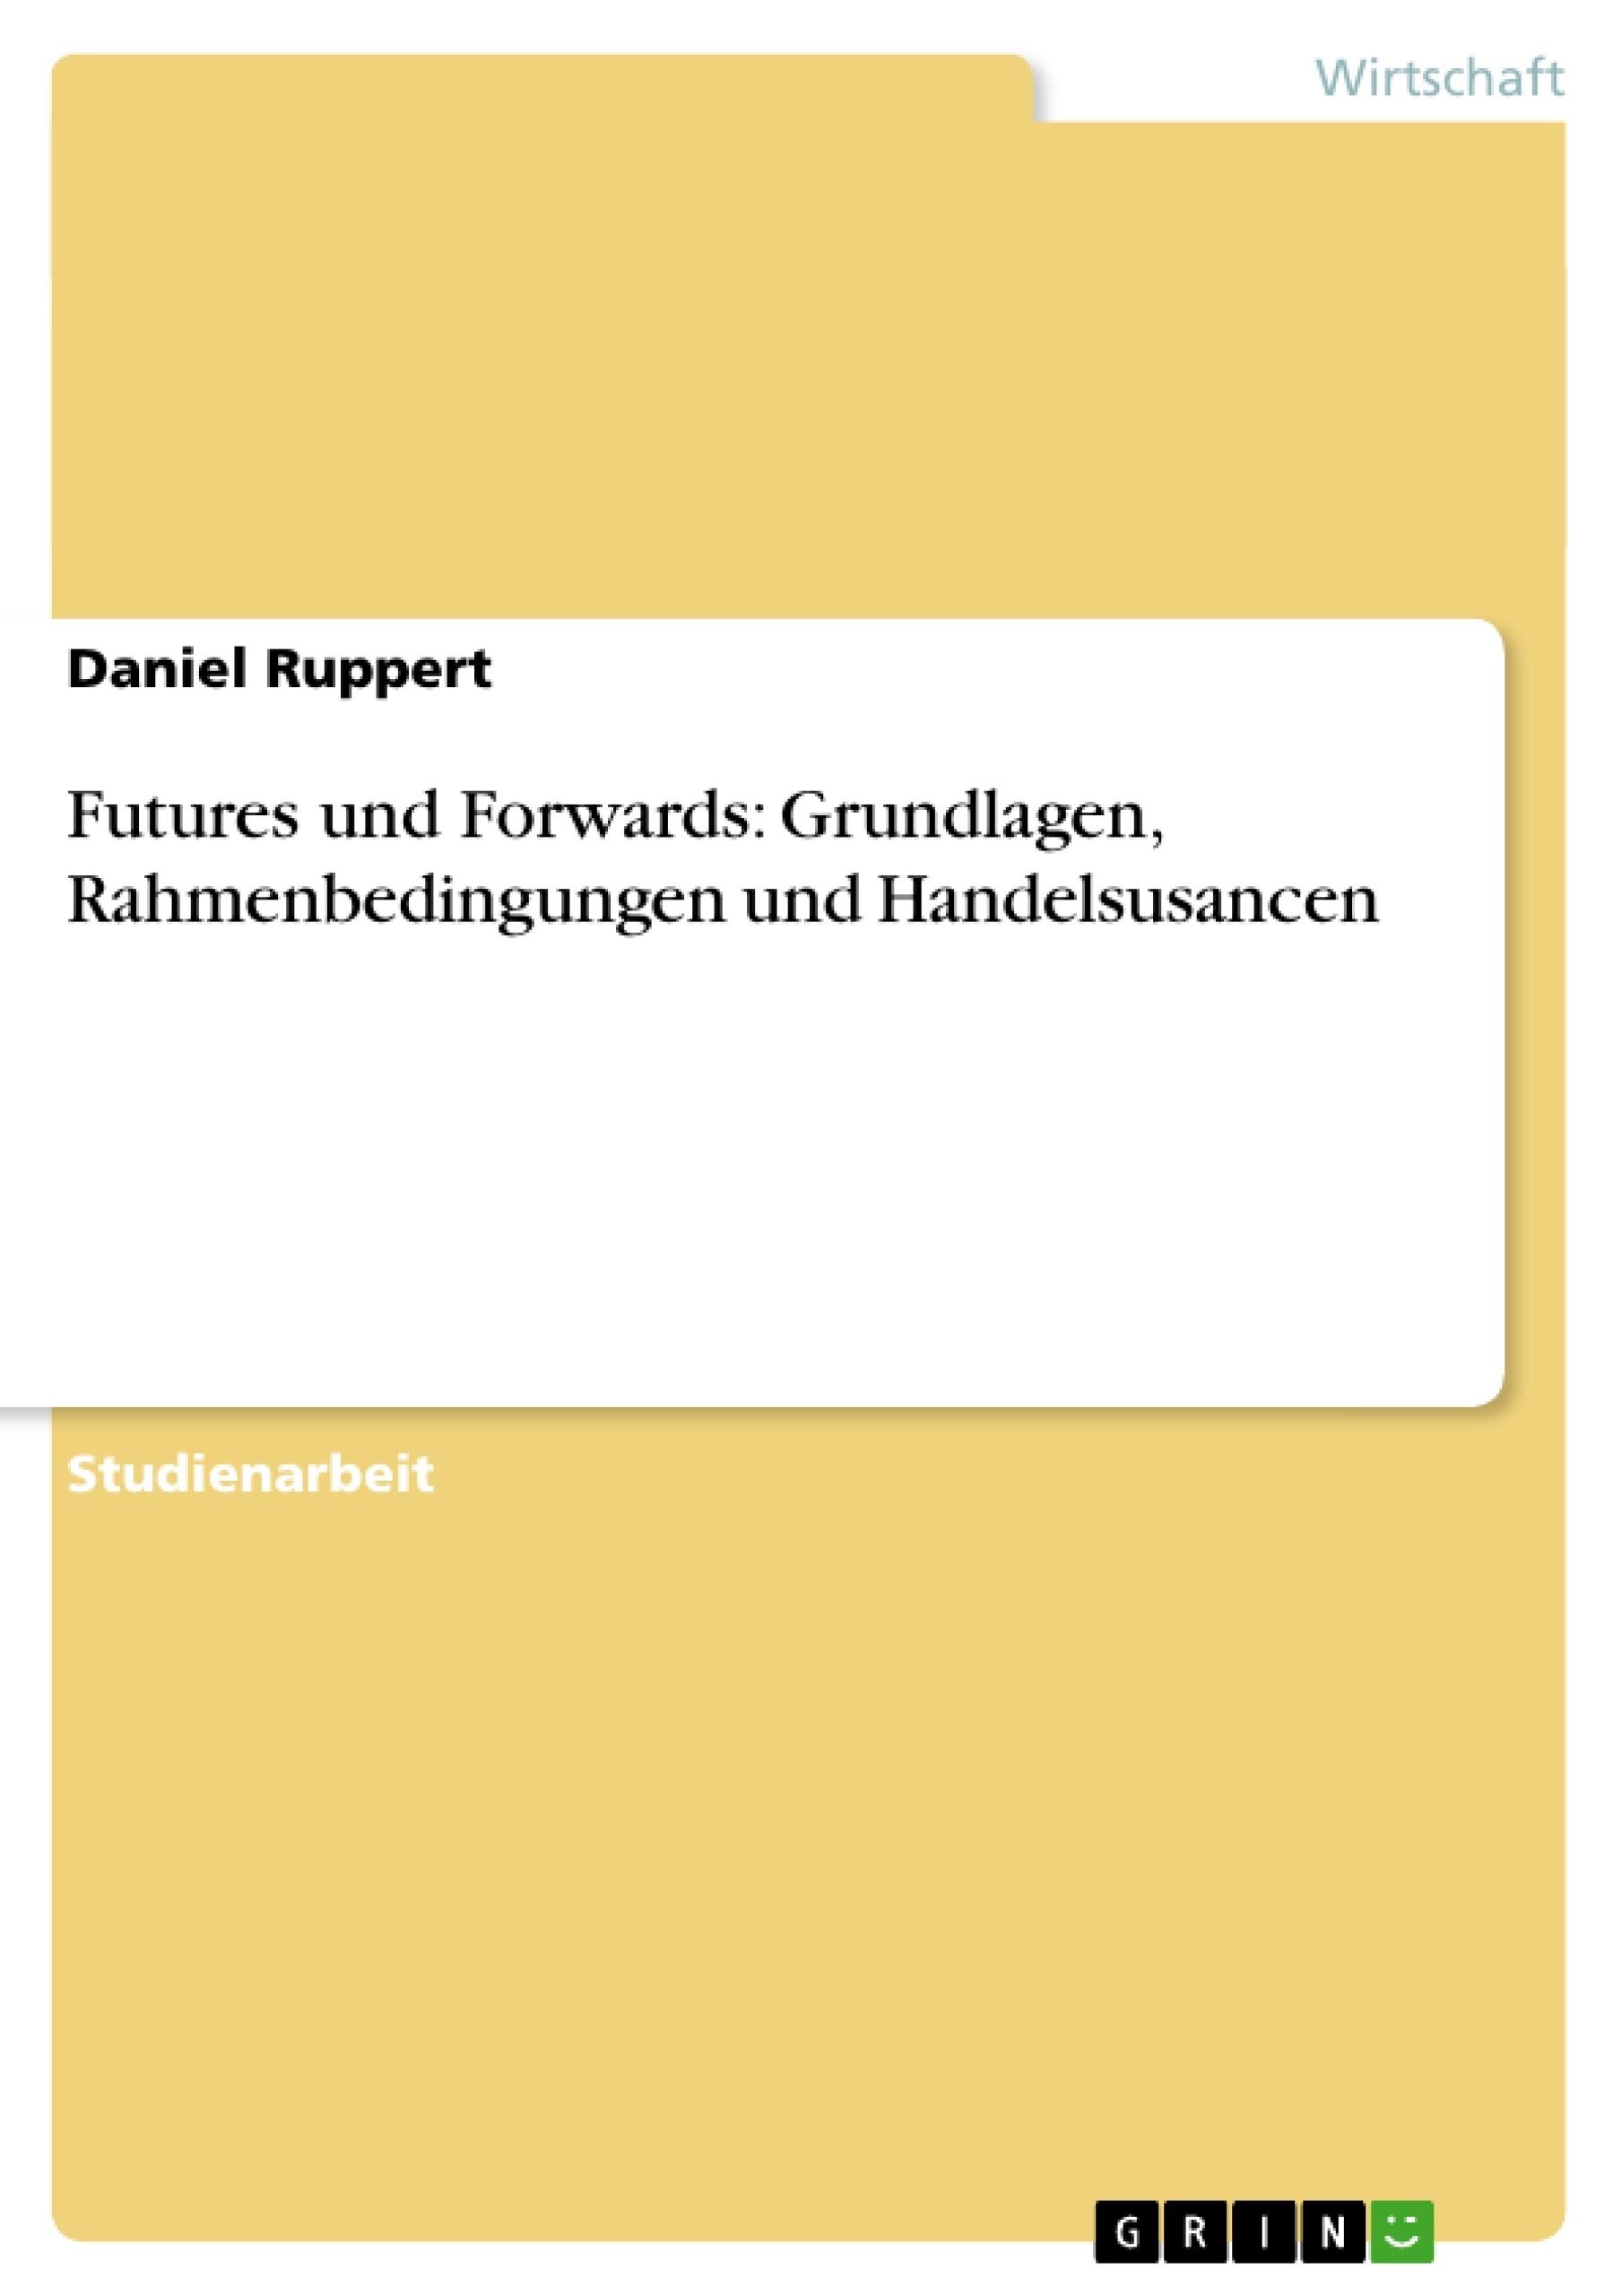 Titel: Futures und Forwards: Grundlagen, Rahmenbedingungen und Handelsusancen